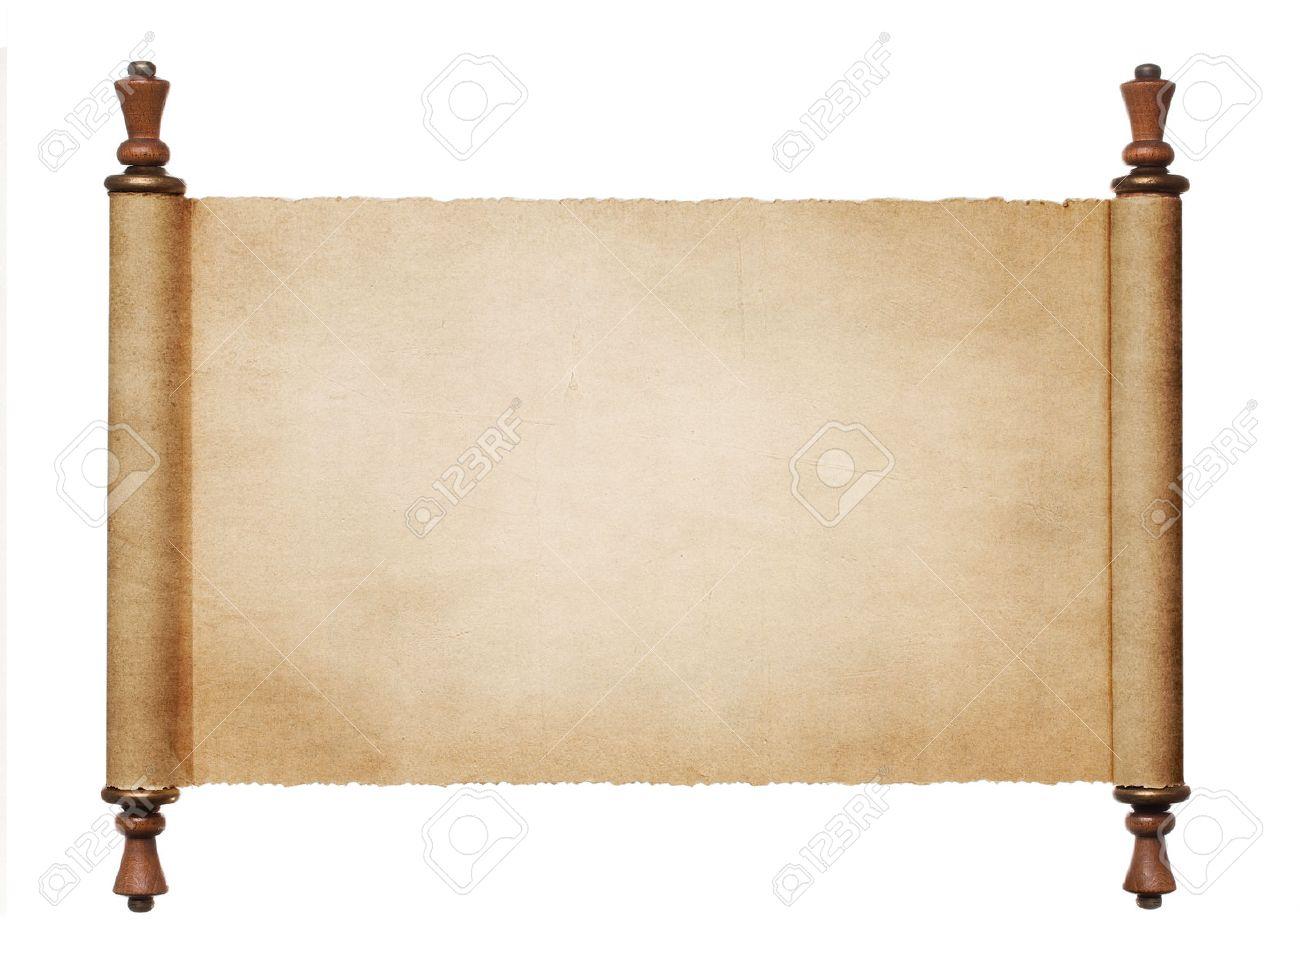 Jahrgang Leere Papierrolle Auf Weißem Hintergrund Mit Kopie Raum ...